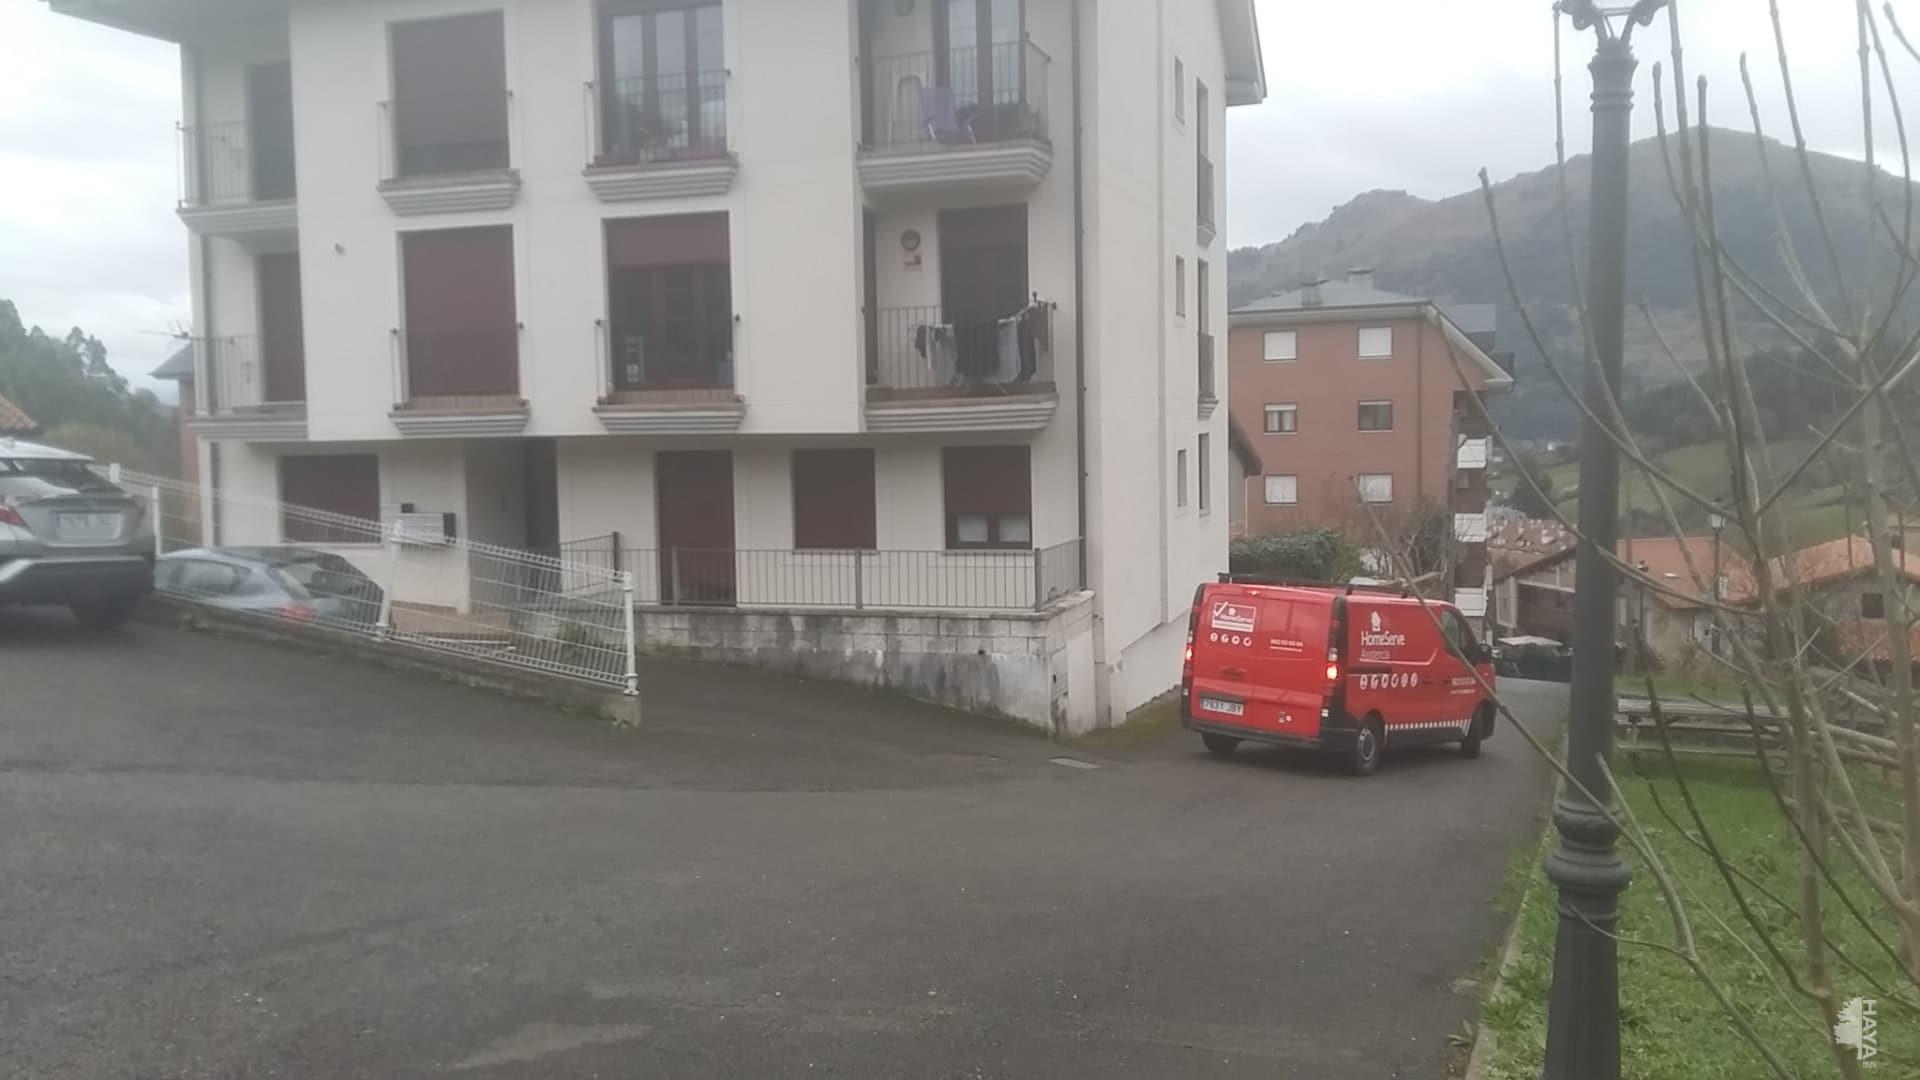 Piso en venta en Limpias, Cantabria, Calle del Canton, 71.000 €, 3 habitaciones, 1 baño, 80 m2